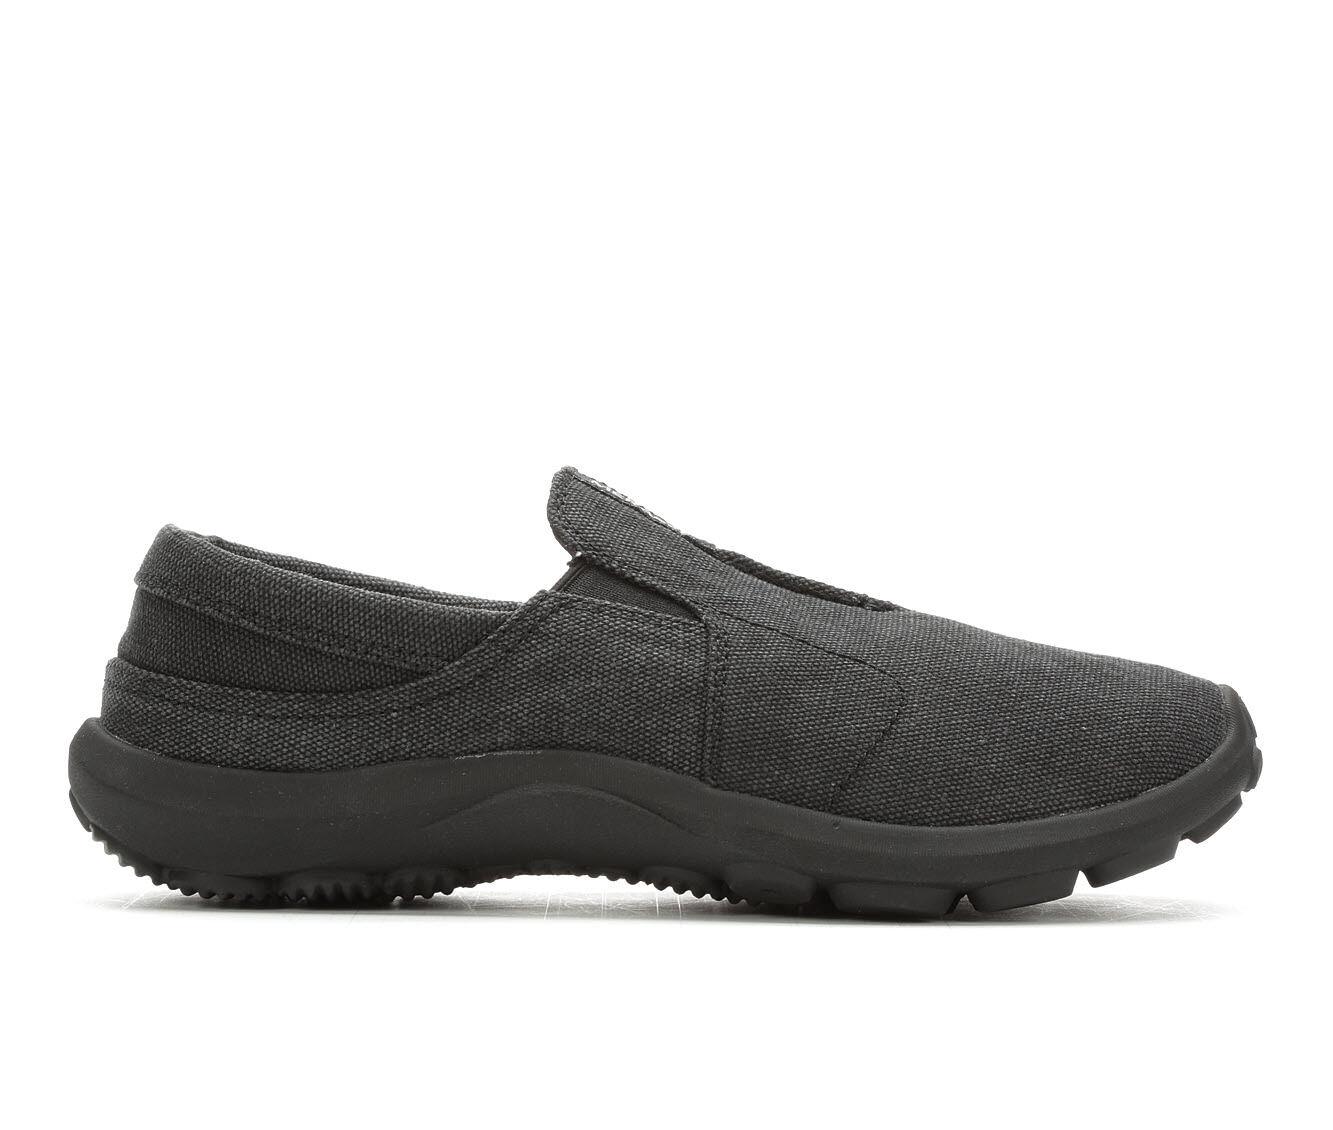 Men's Merrell Jungle Ayers Moc Casual Shoes Black